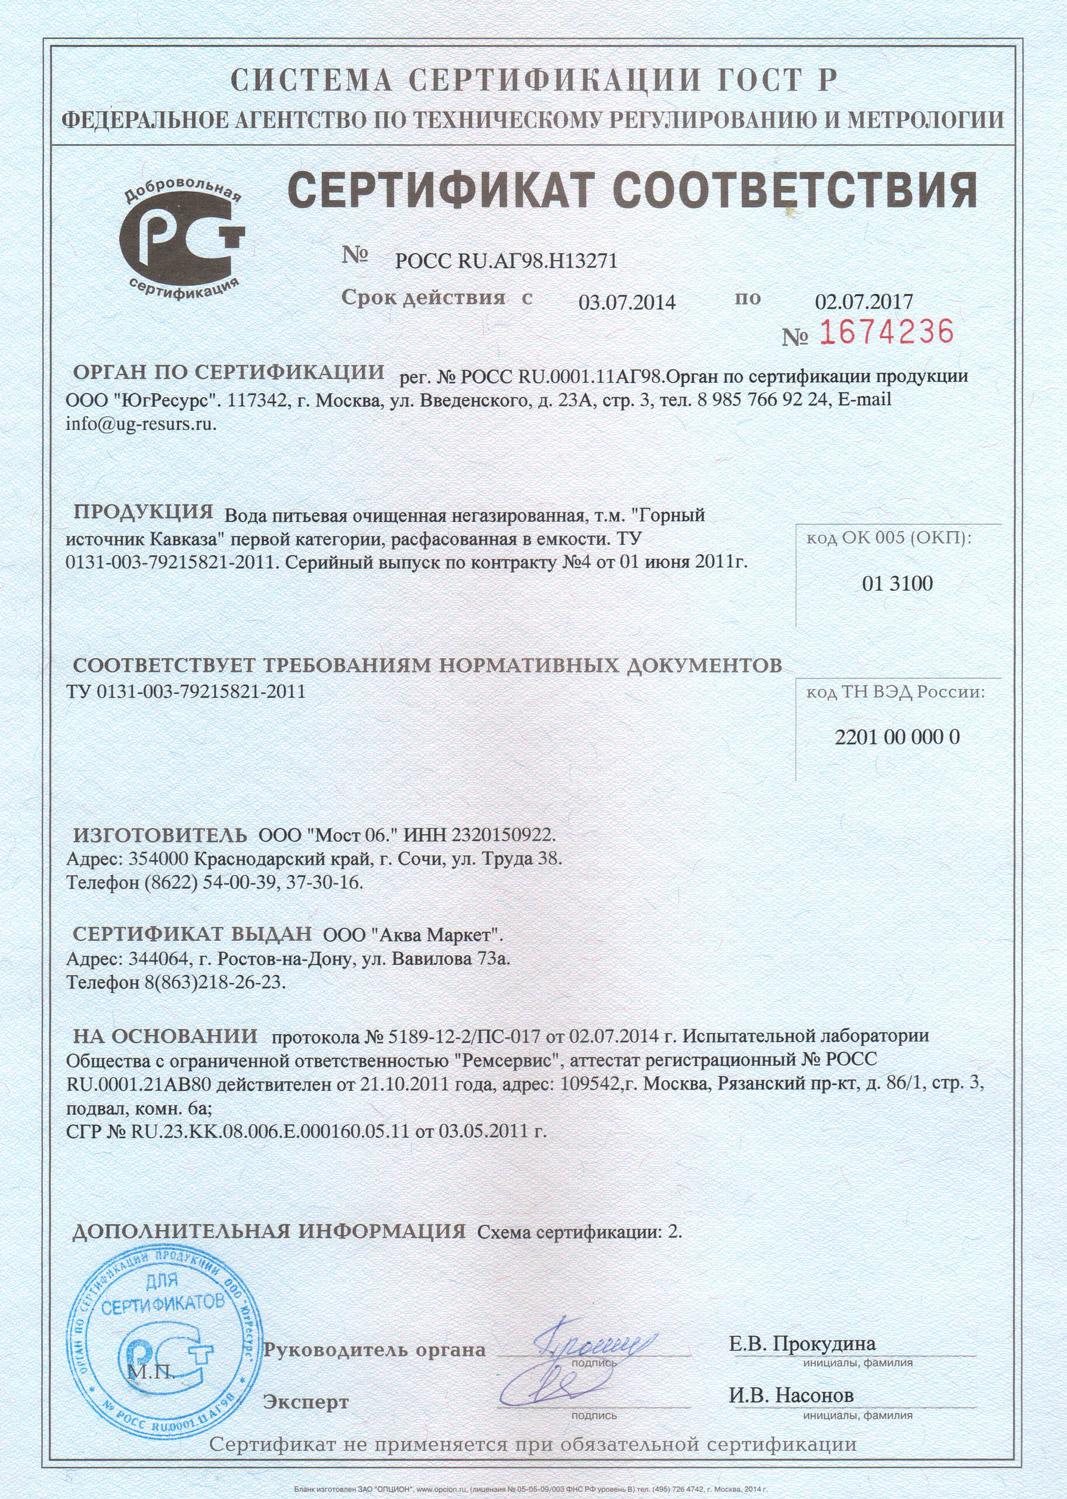 Вода Горный Источник Кавказа сертификат